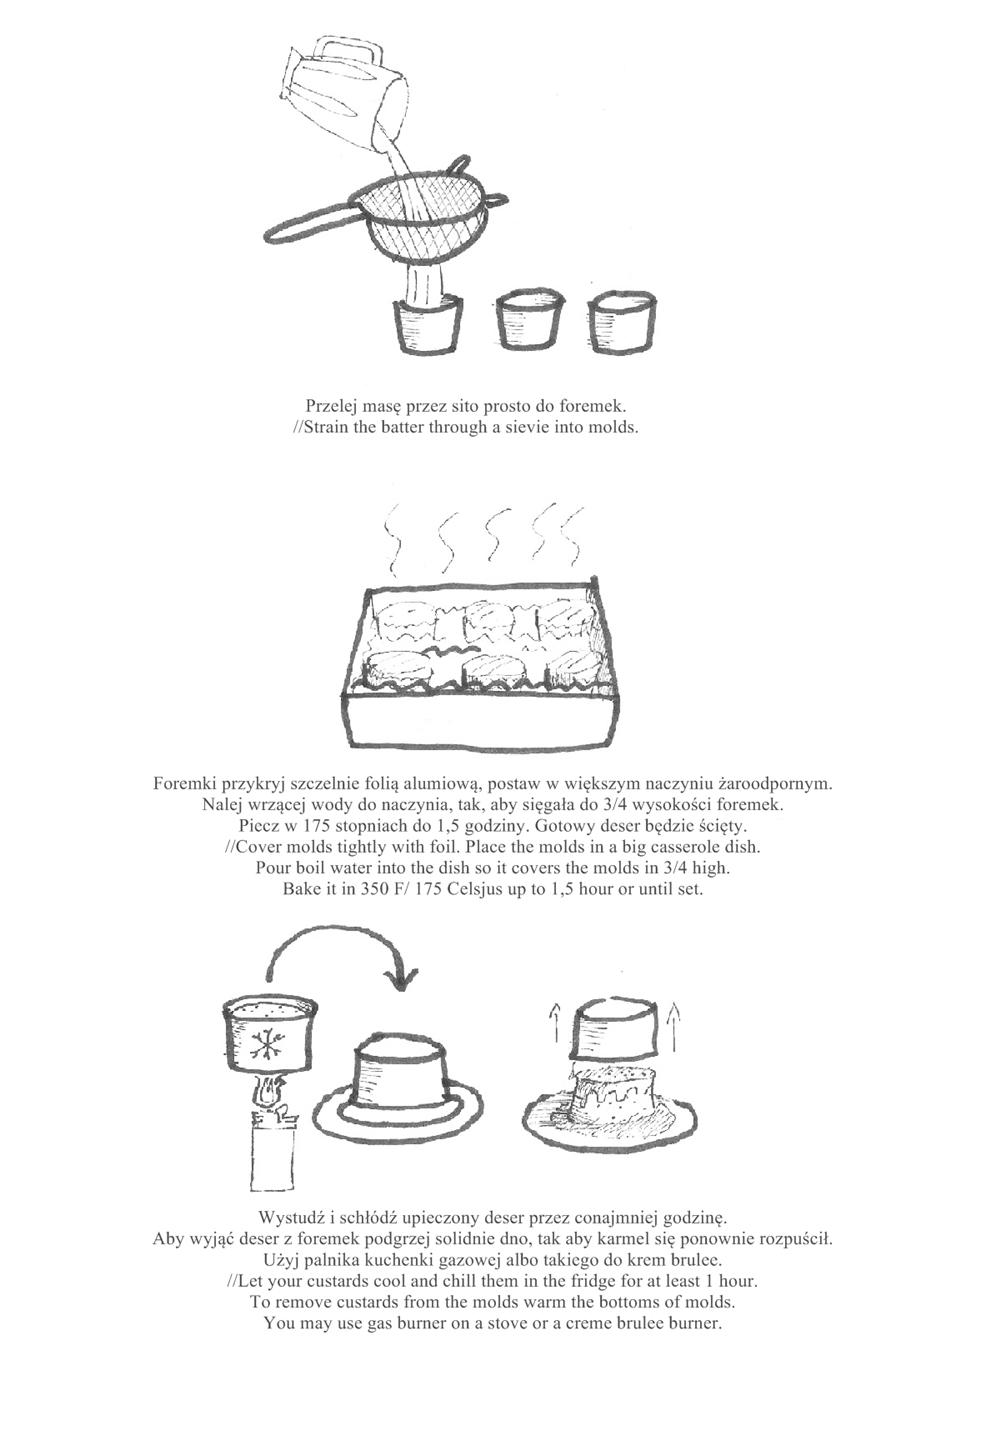 caramel custard step by step drawing instruction creme caramel rysunkowa instrukcja krok po kroku